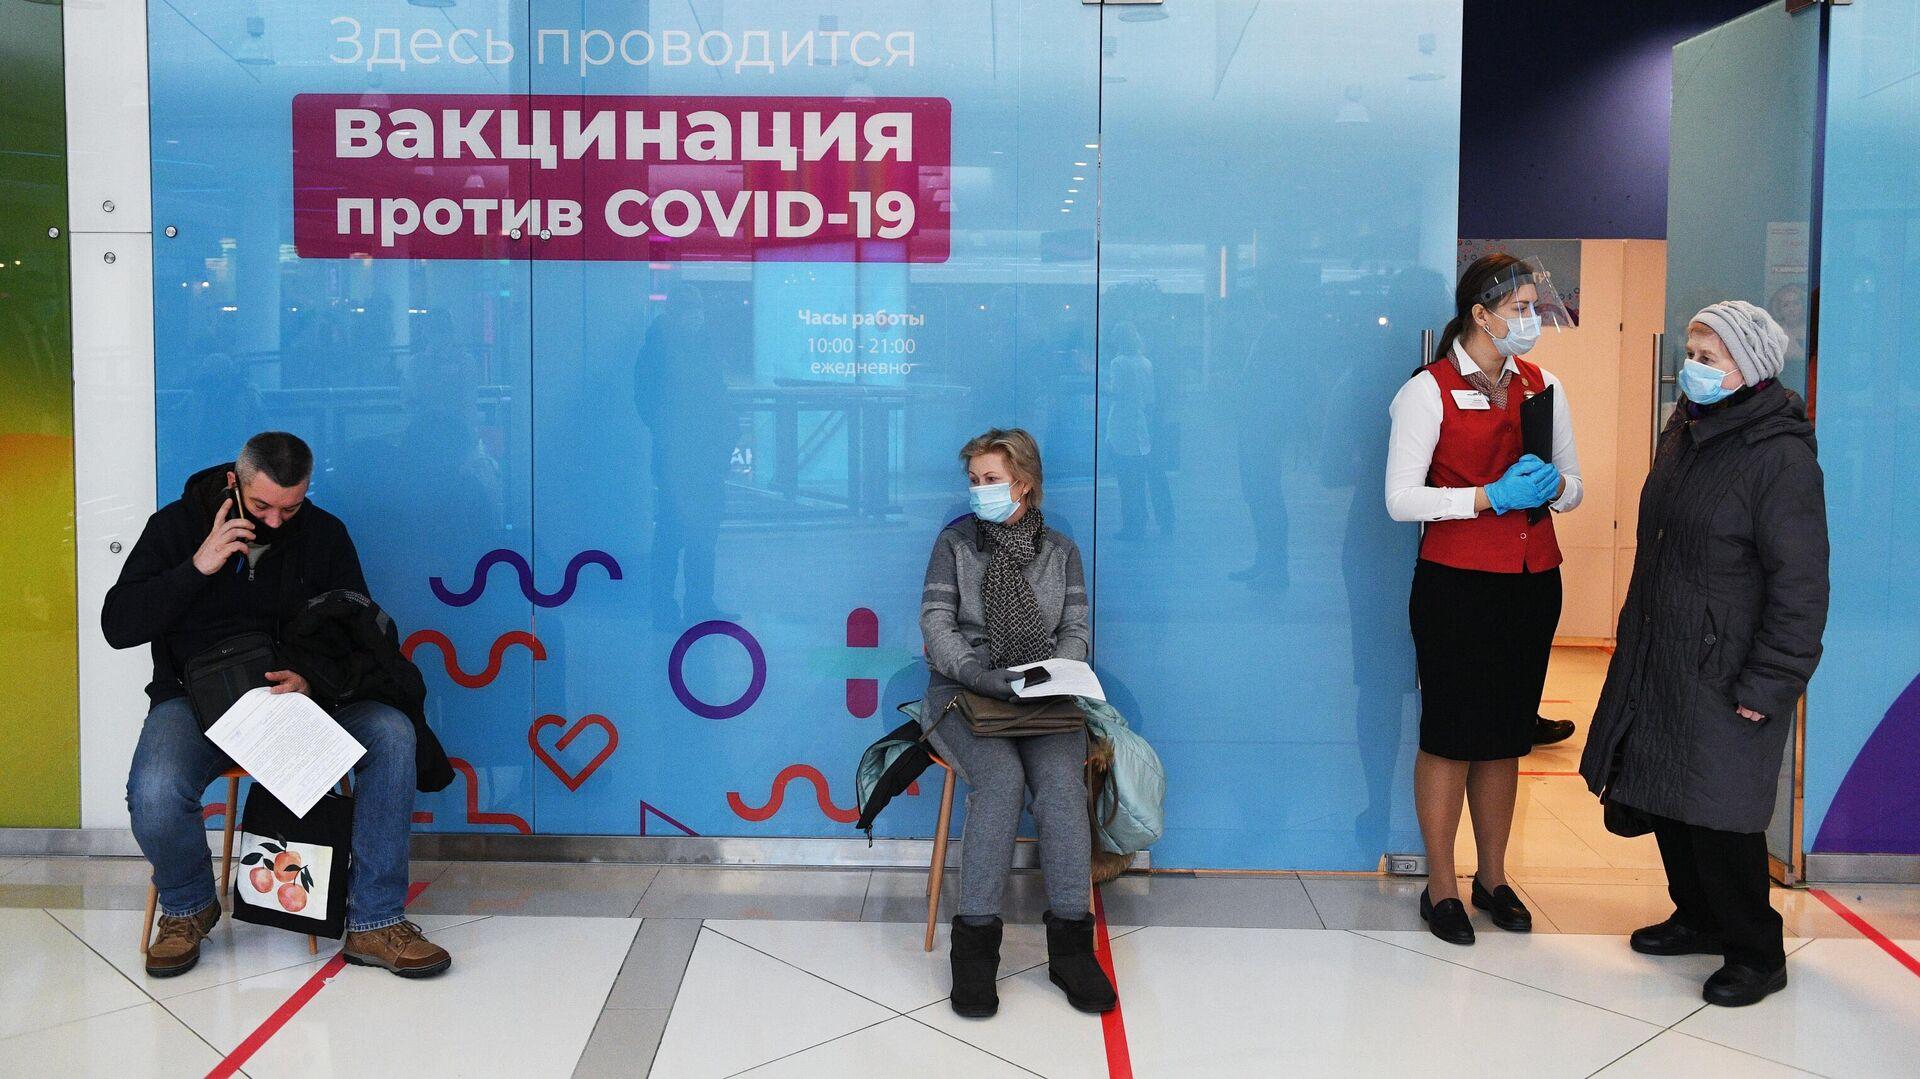 Прививочный пункт в торговом центре Калейдоскоп в Москве, где медики выездной бригады вакцинируют желающих российским препаратом от COVID-19 Гам-Ковид-Вак (Спутник V) - РИА Новости, 1920, 09.02.2021